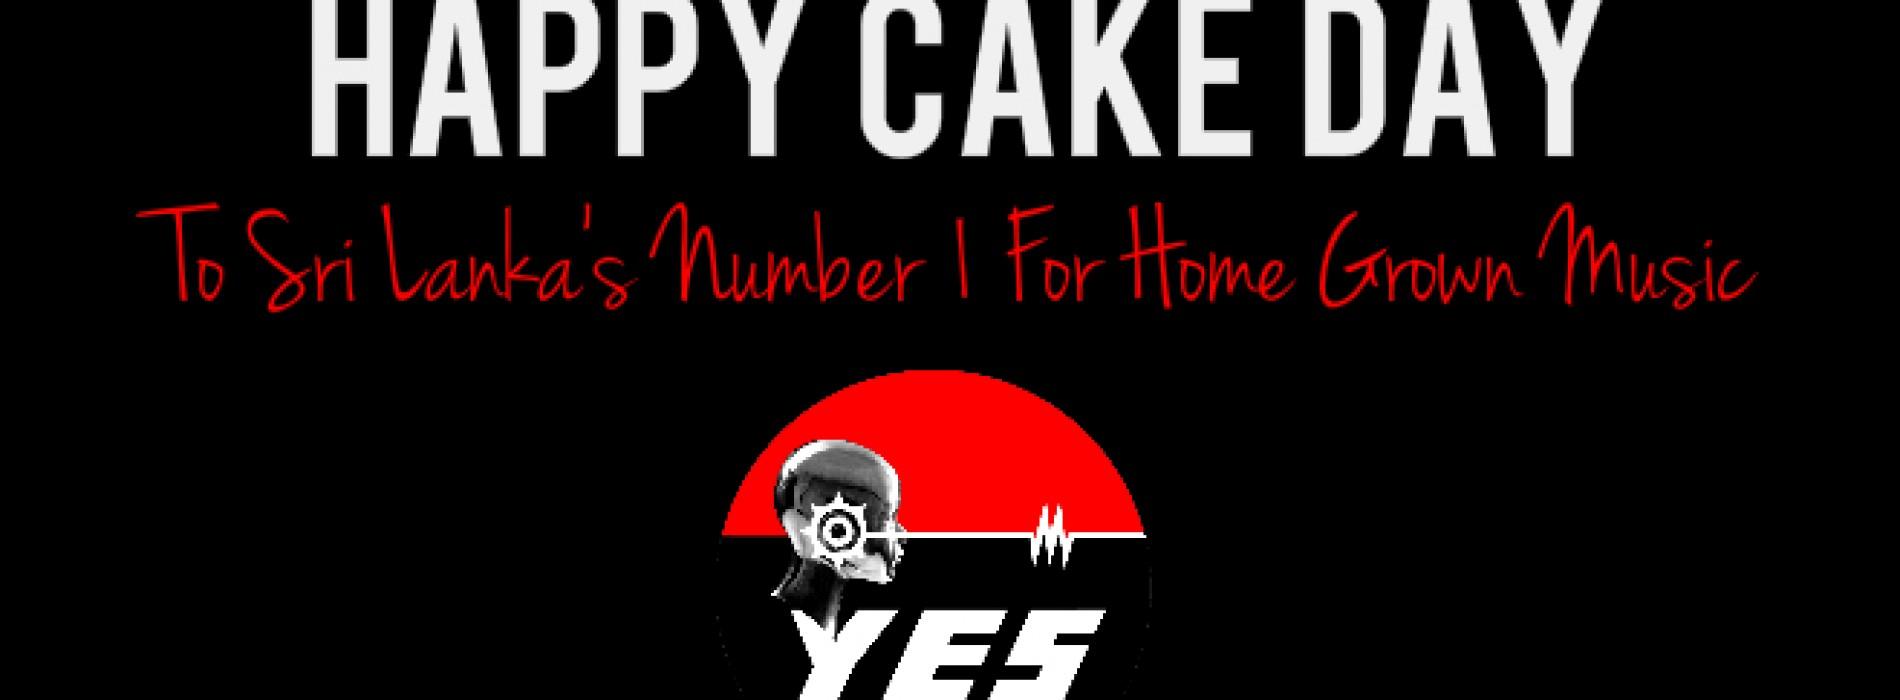 Happy Cake Day To YES101 & Asiri Fernando